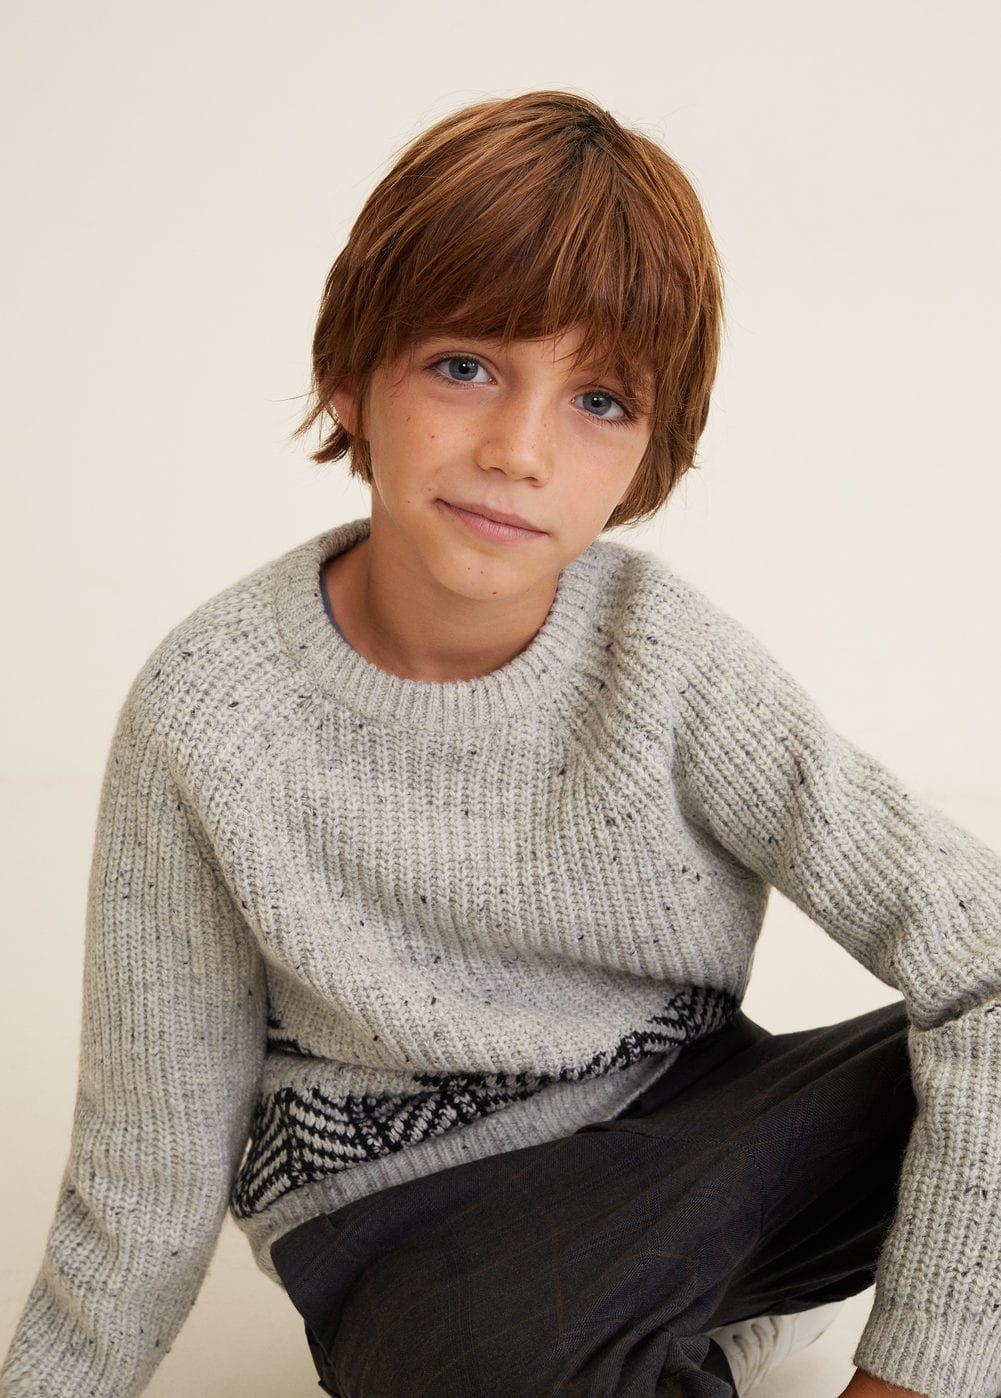 Pullover im Strick-Mix | Jungen pullover, Kind mode und ...